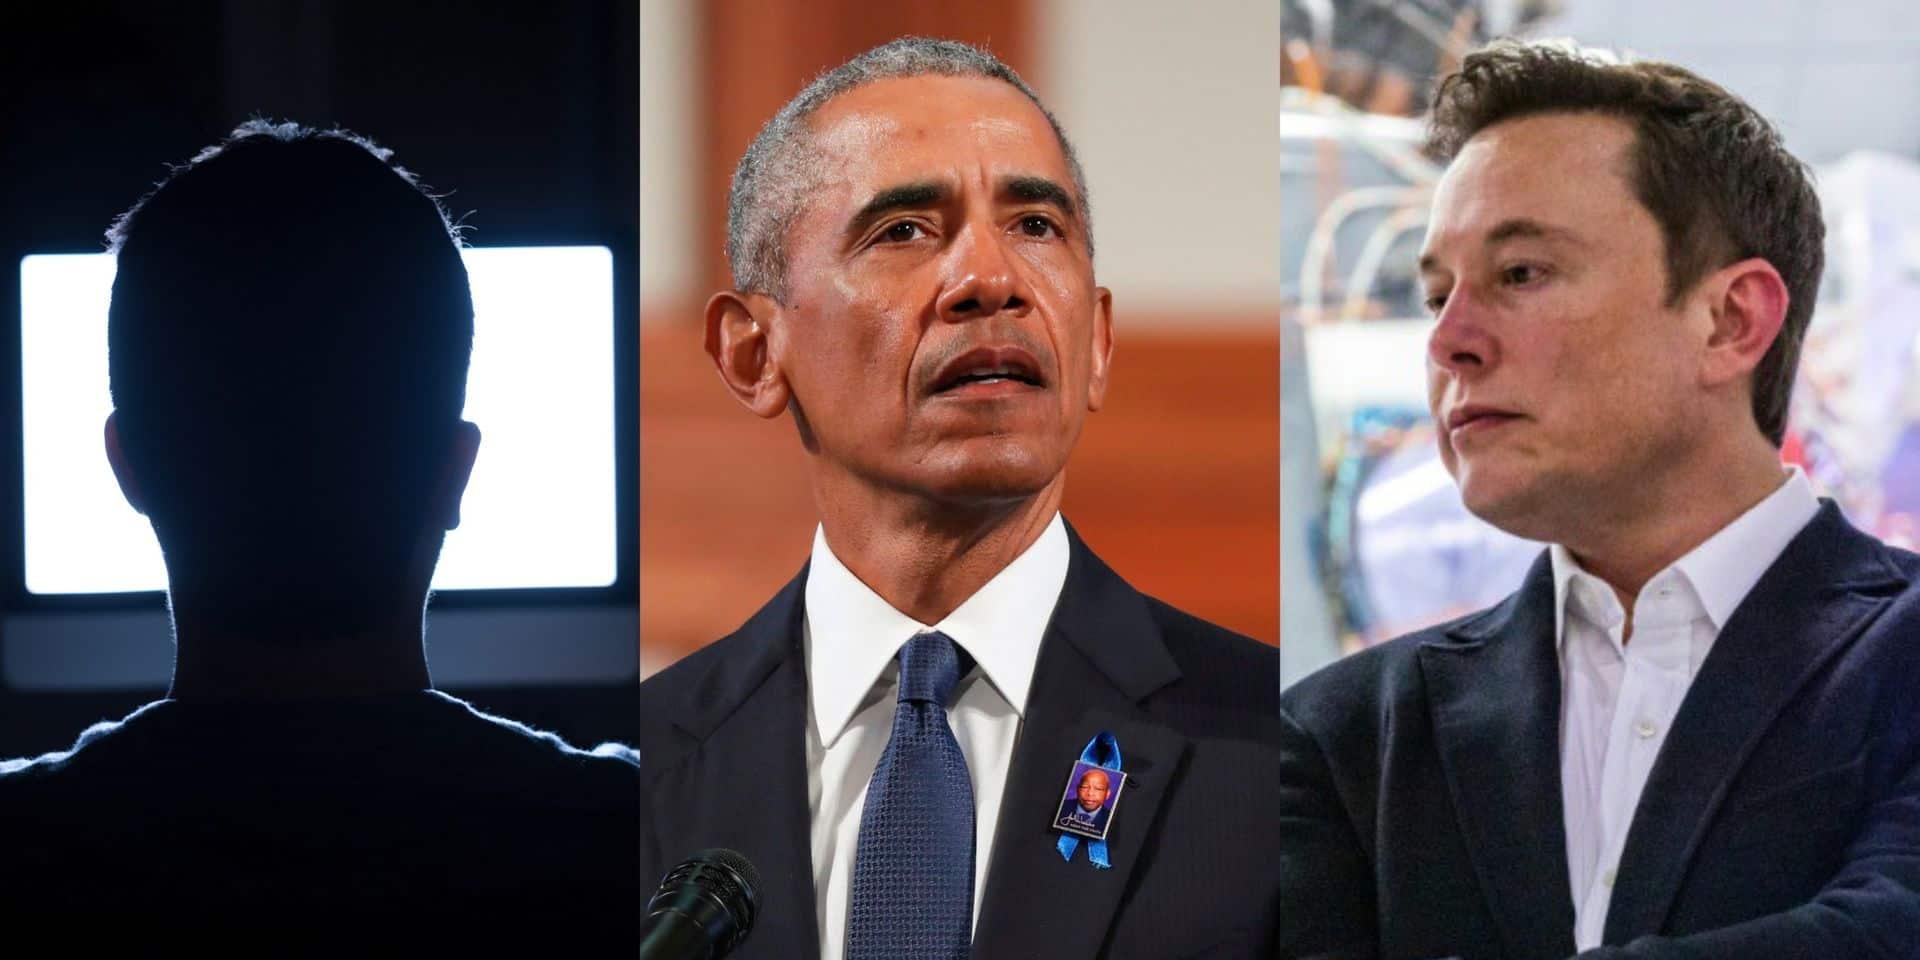 Qui est Graham Ivan Clark, l'adolescent qui s'est joué de Barack Obama, d'Elon Musk et de bien d'autres encore ?